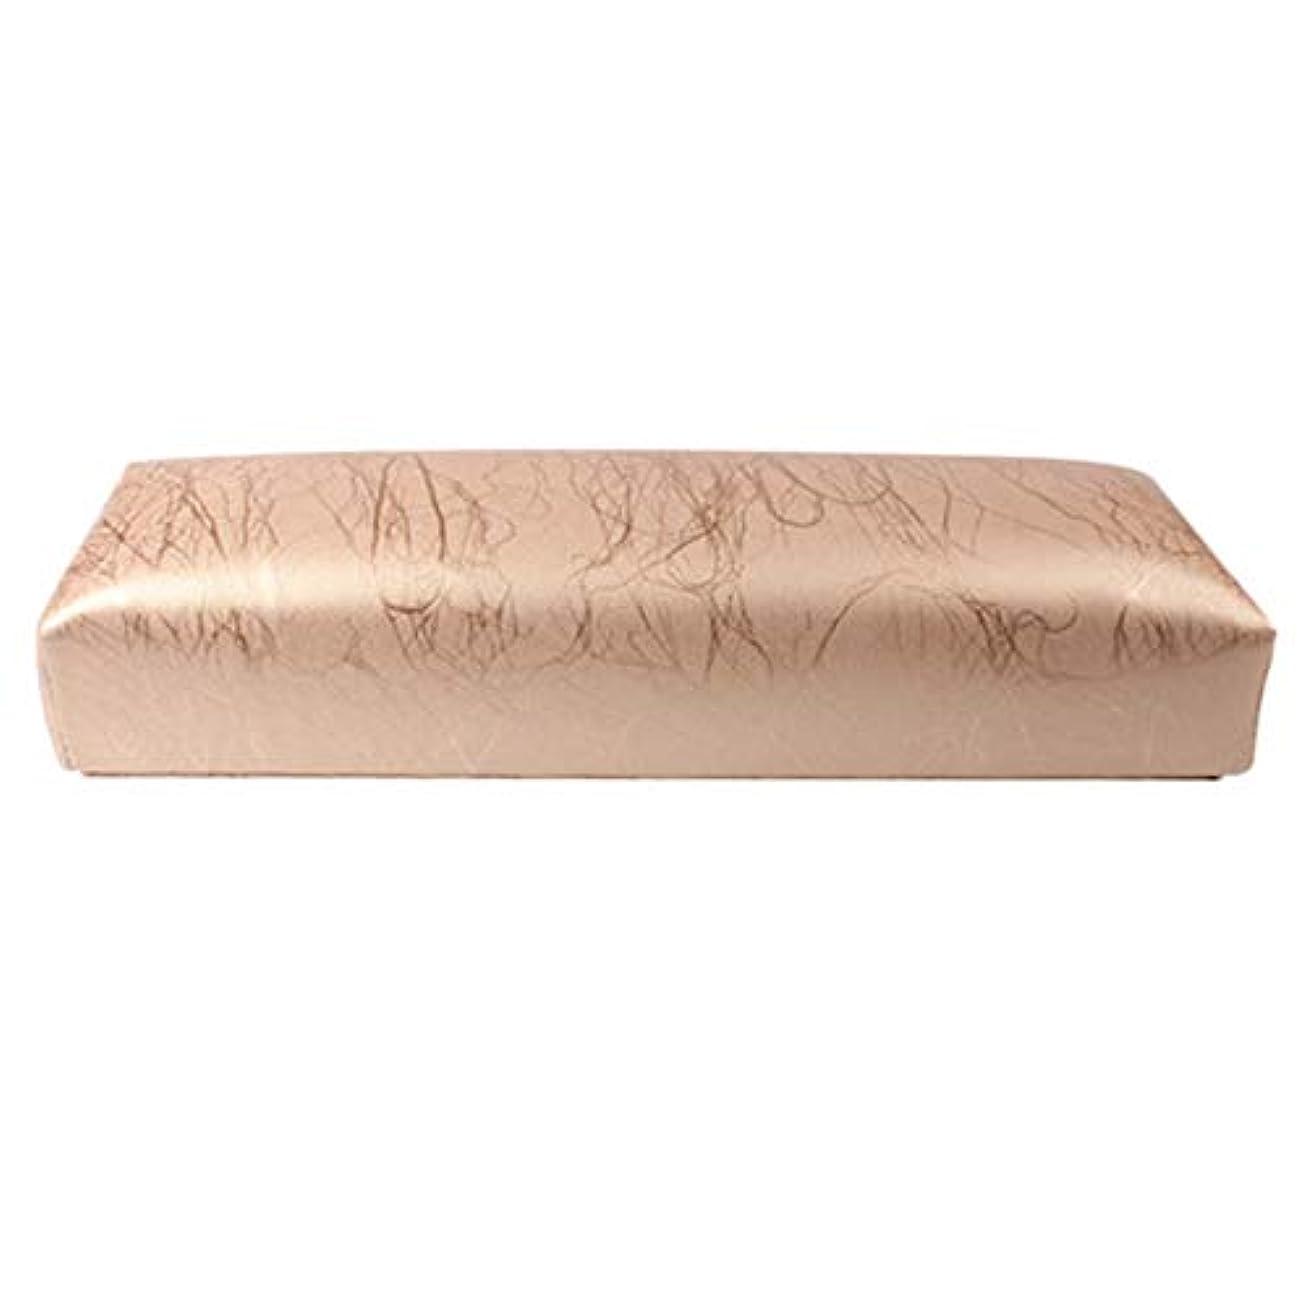 採用する傑出したペチコートGaoominy ネイル用マニキュアハンド枕長方形PUレザーハンドレストクッションネイルピローサロンハンドホルダーアームレストレストマニキュアネイルアートアクセサリーツールゴールド